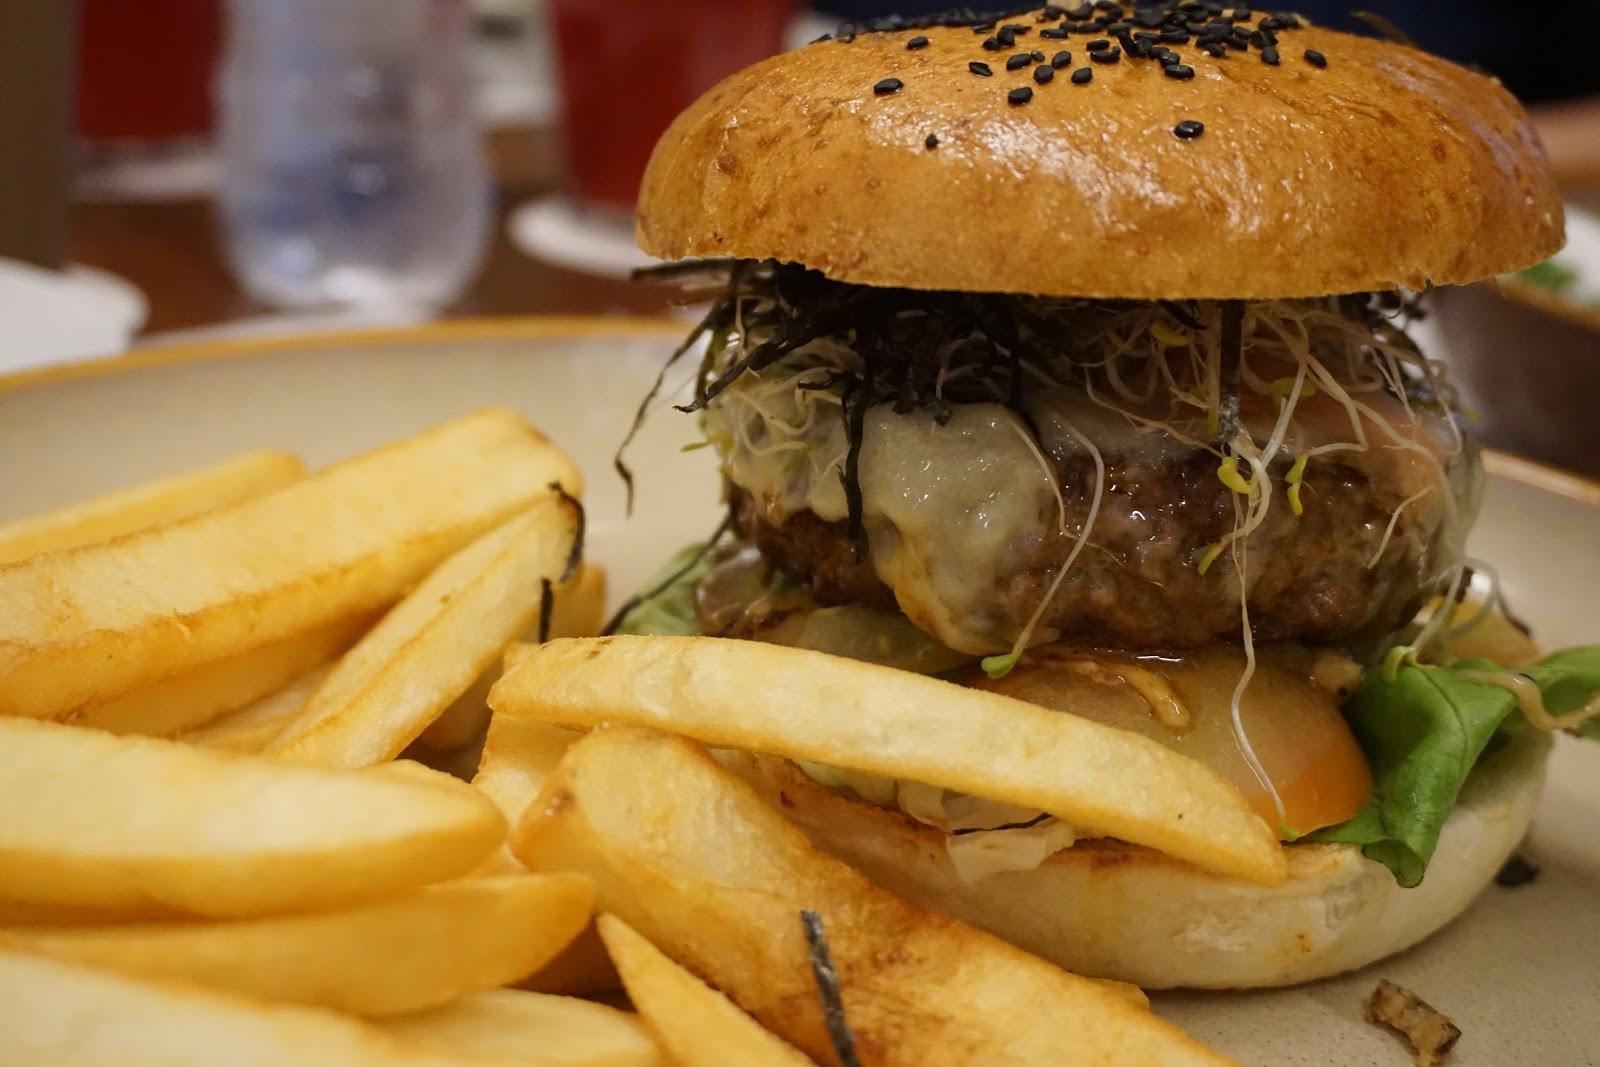 BOTANICA + CO ALILA BANGSAR, restoran, TEMPAT MAKAN SEDAP, tempat makan sedap di kl,